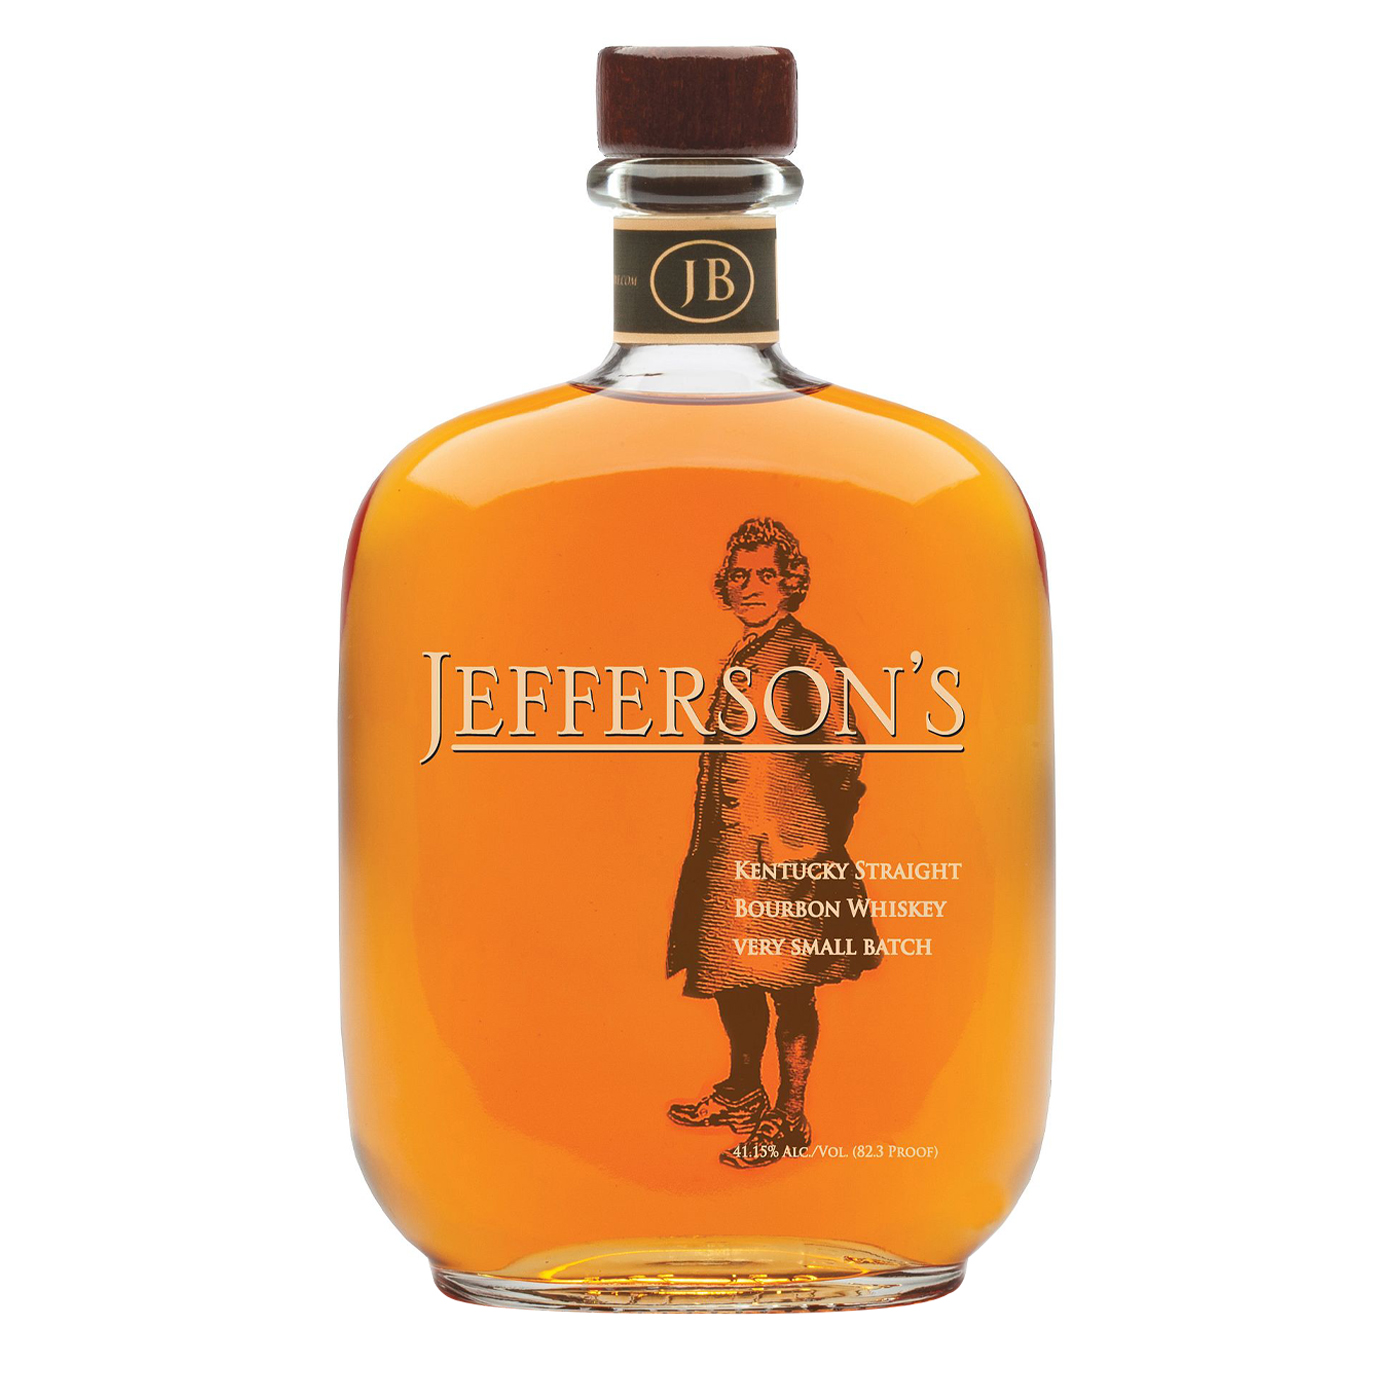 Jefferson's Bourbon